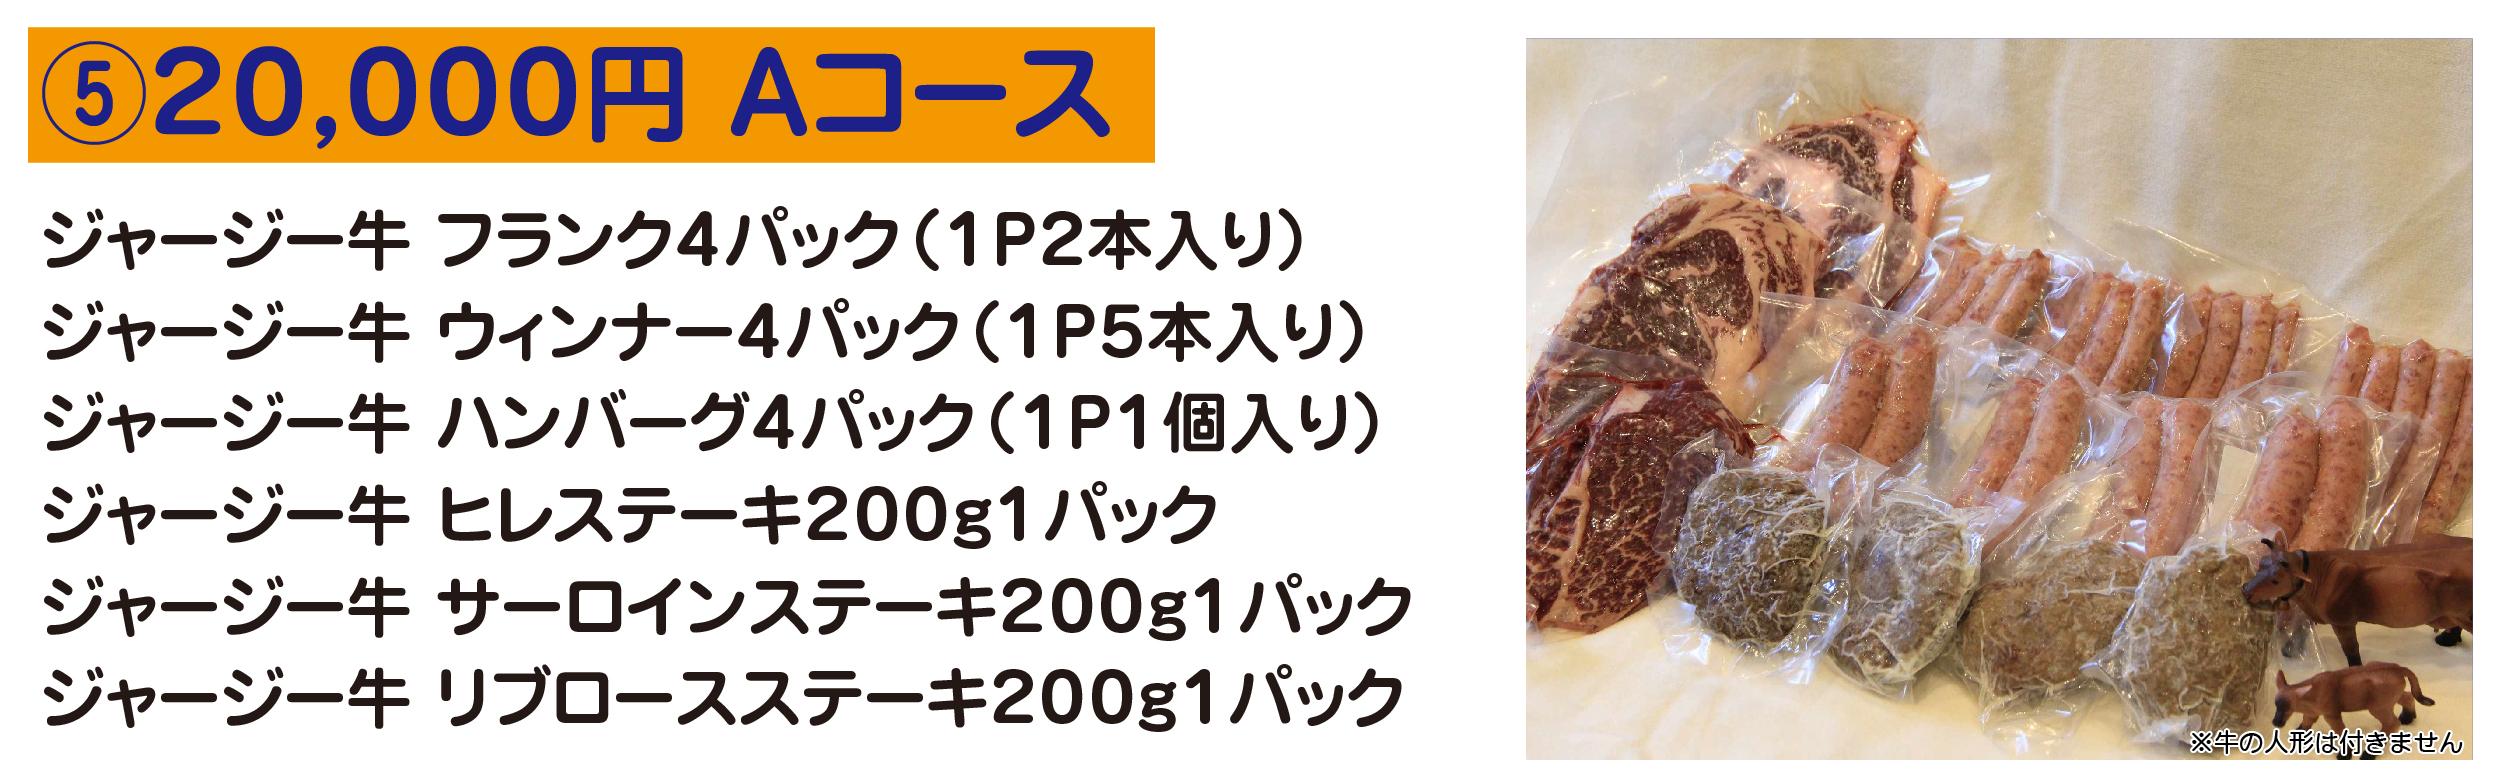 ⑤20,000円 Aコース ジャージー牛 フランク4パック(1P2本入り) ジャージー牛 ウィンナー4パック(1P5本入り) ジャージー牛 ハンバーグ4パック(1P1個入り) ジャージー牛 ヒレステーキ200g1パック ジャージー牛 サーロインステーキ200g1パック ジャージー牛 リブロースステーキ200g1パック